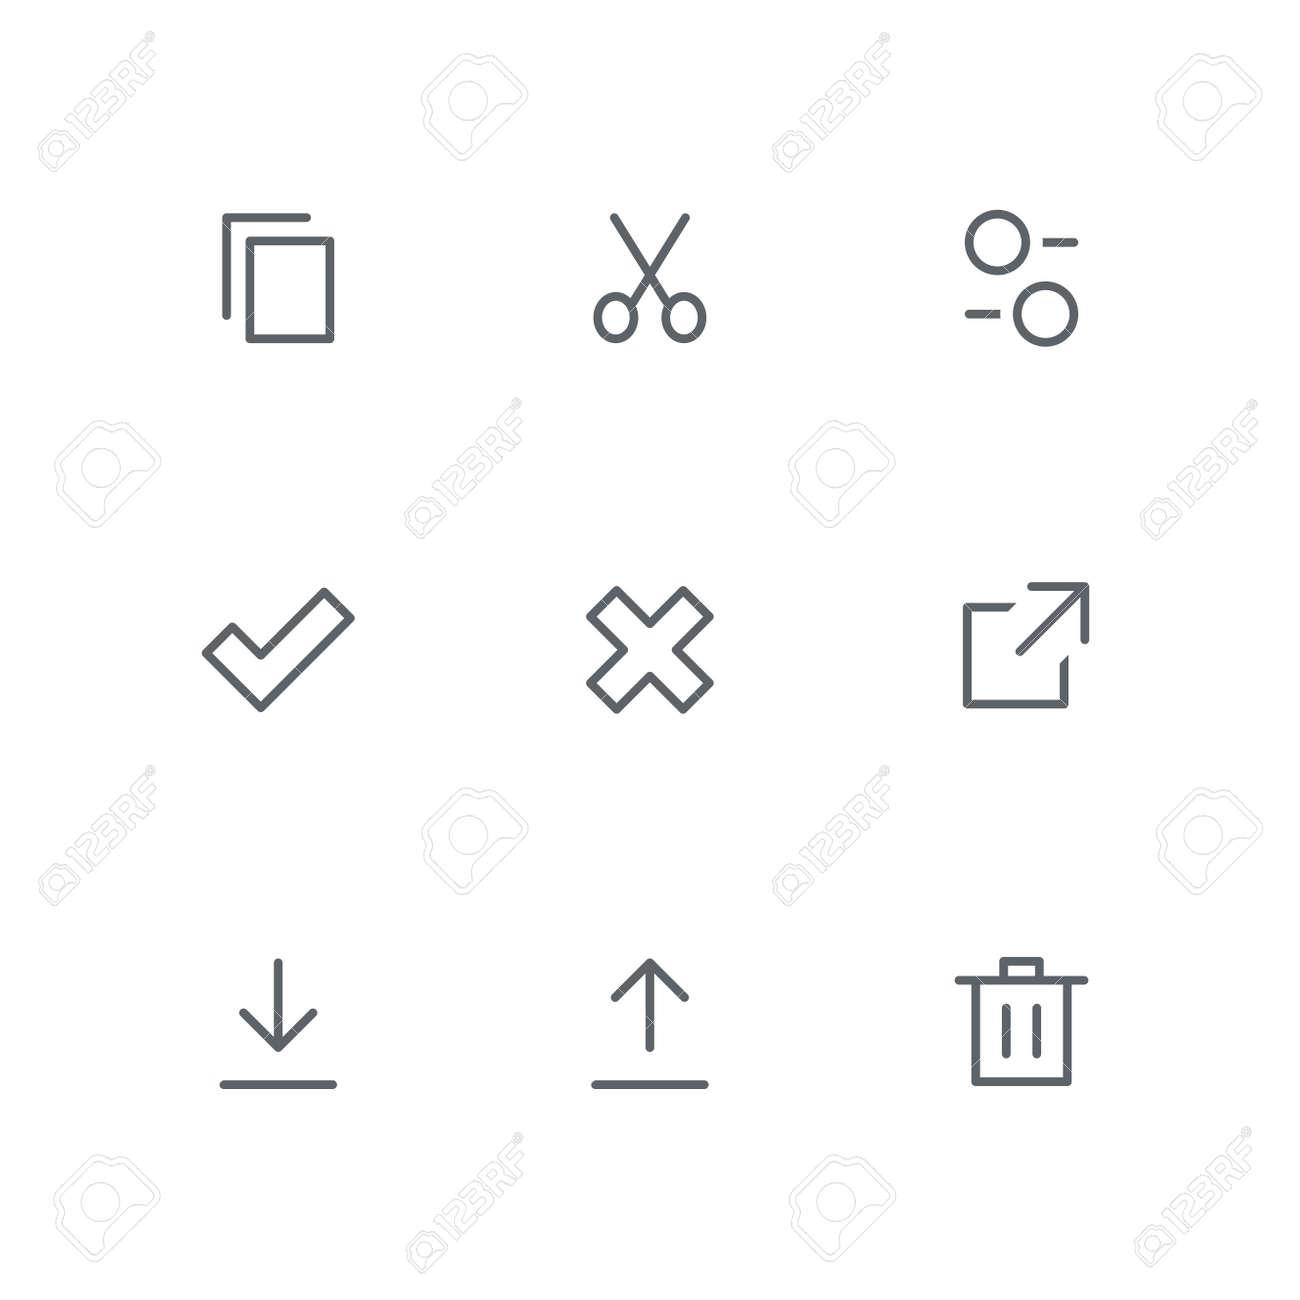 Basic outline icon set - files, scissors, settings, check mark,